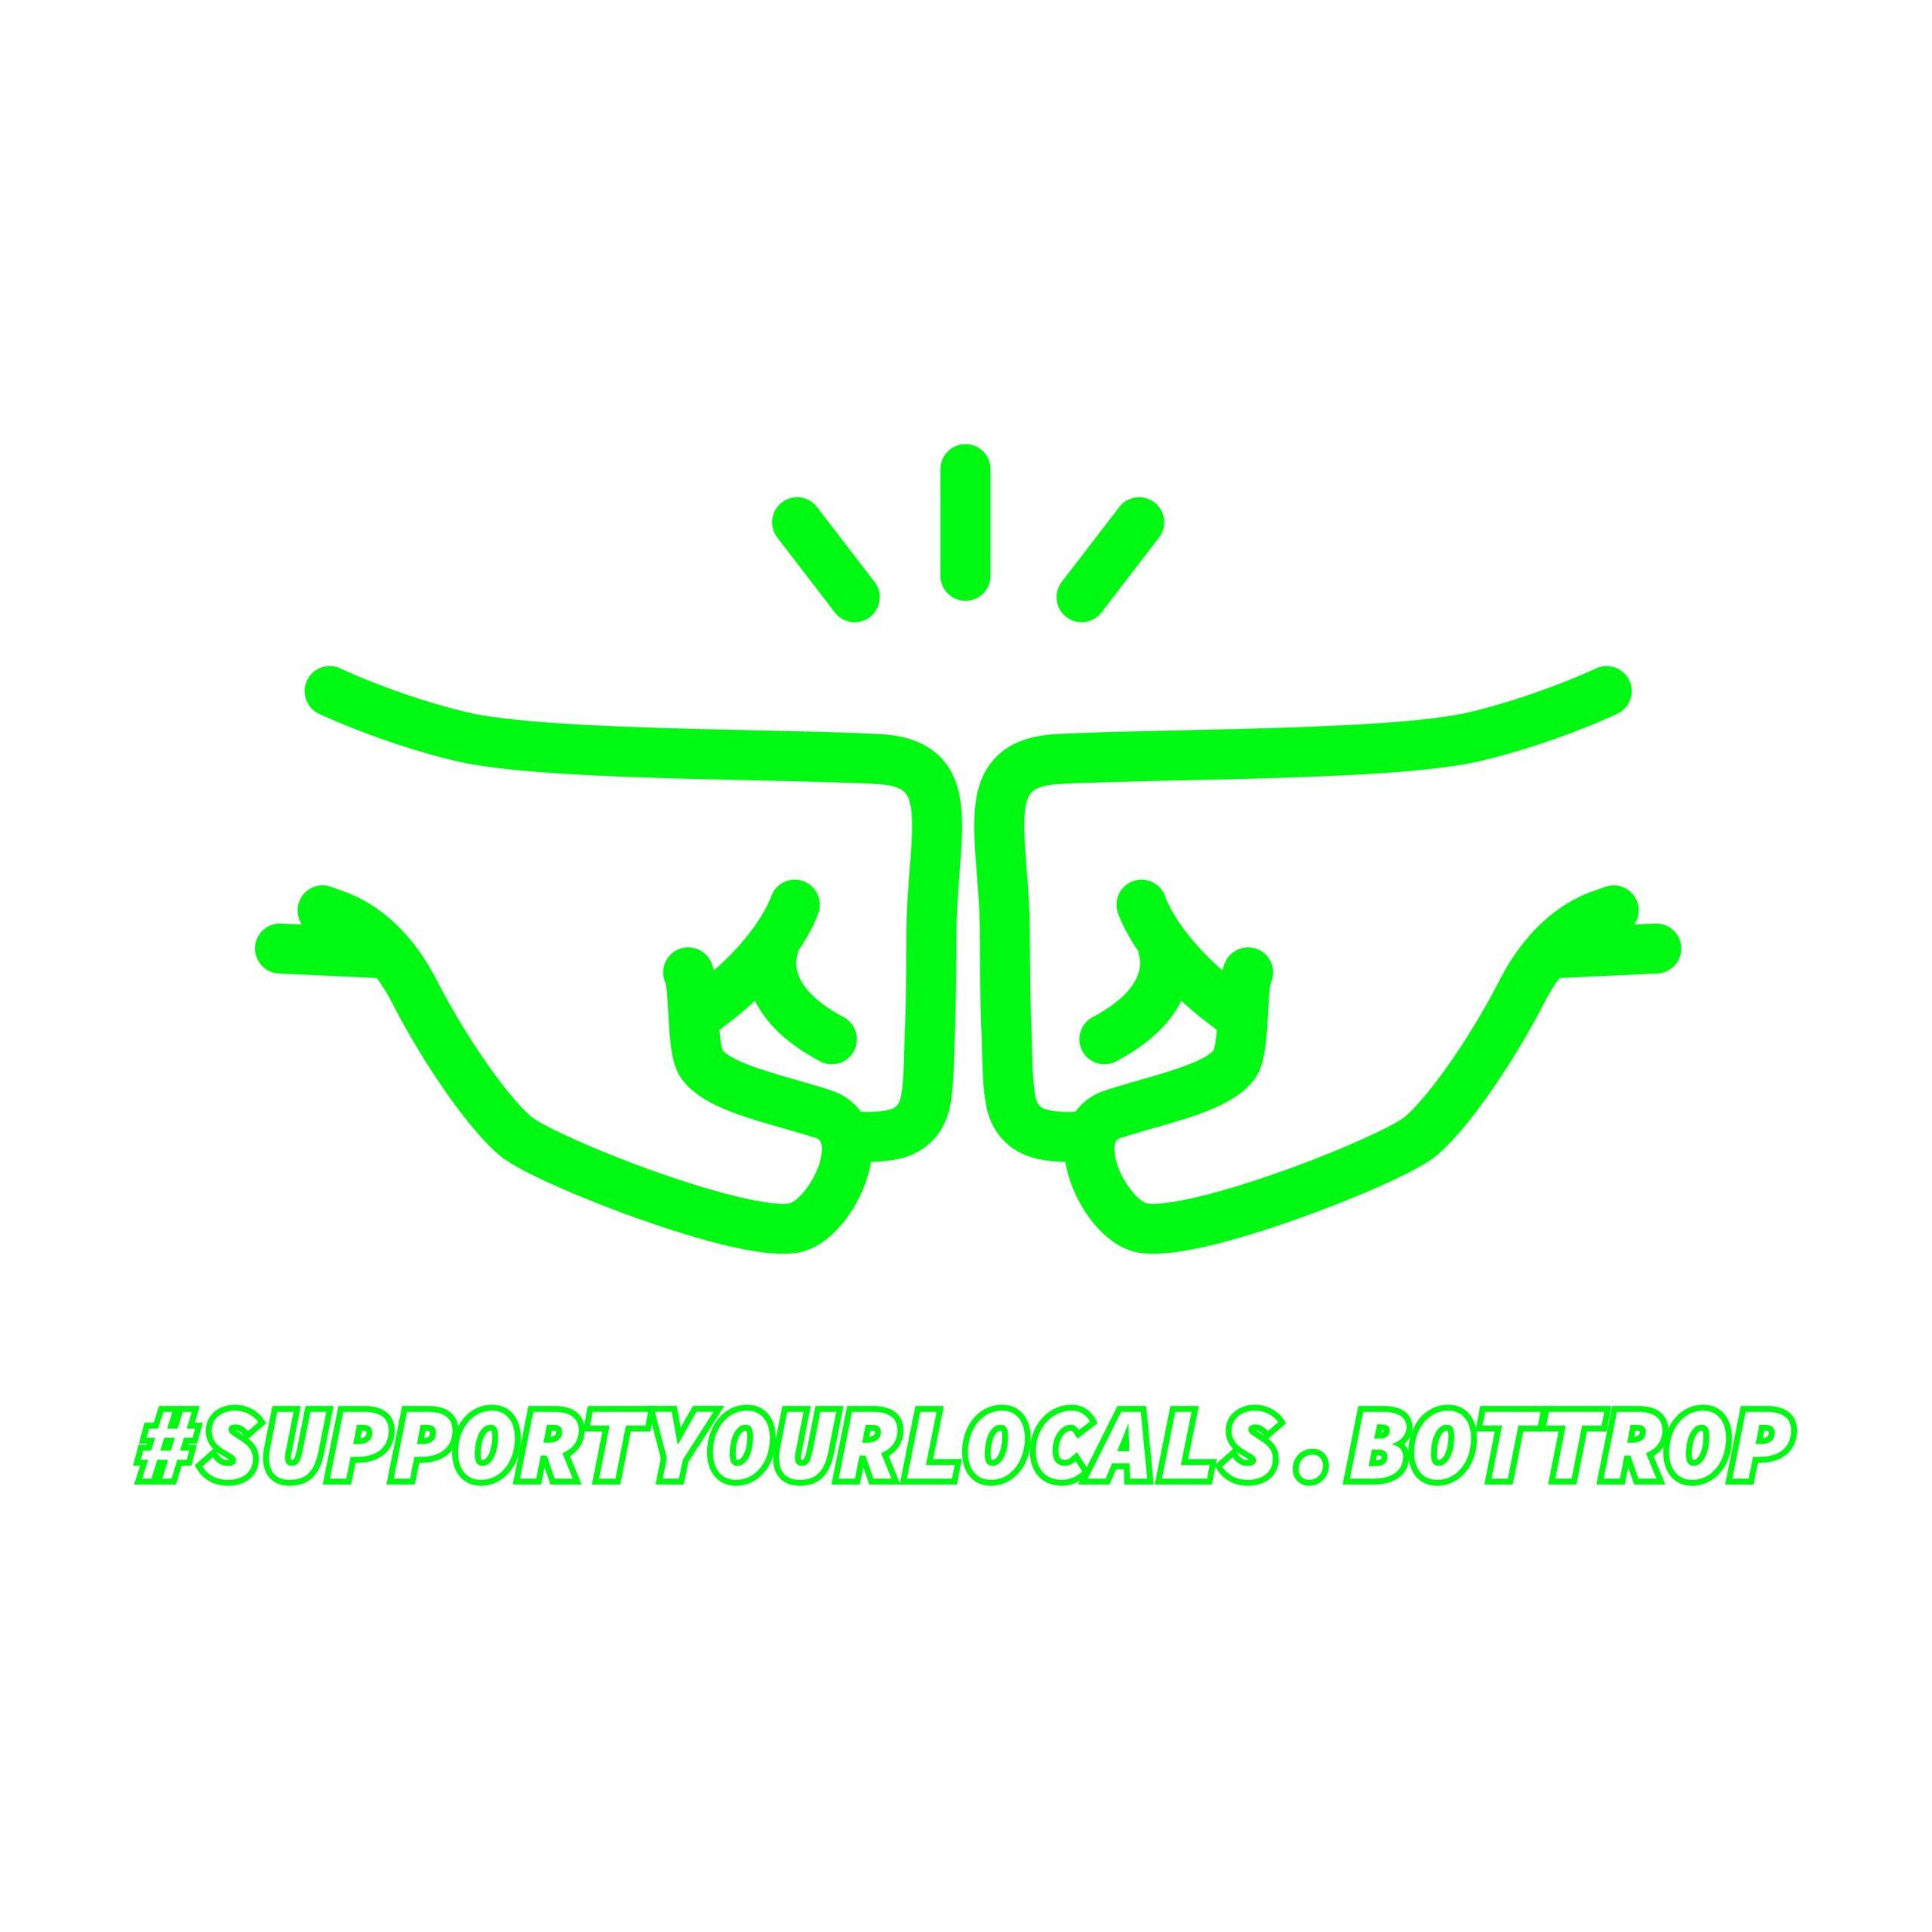 supportyourlocals_bottrop-01-01